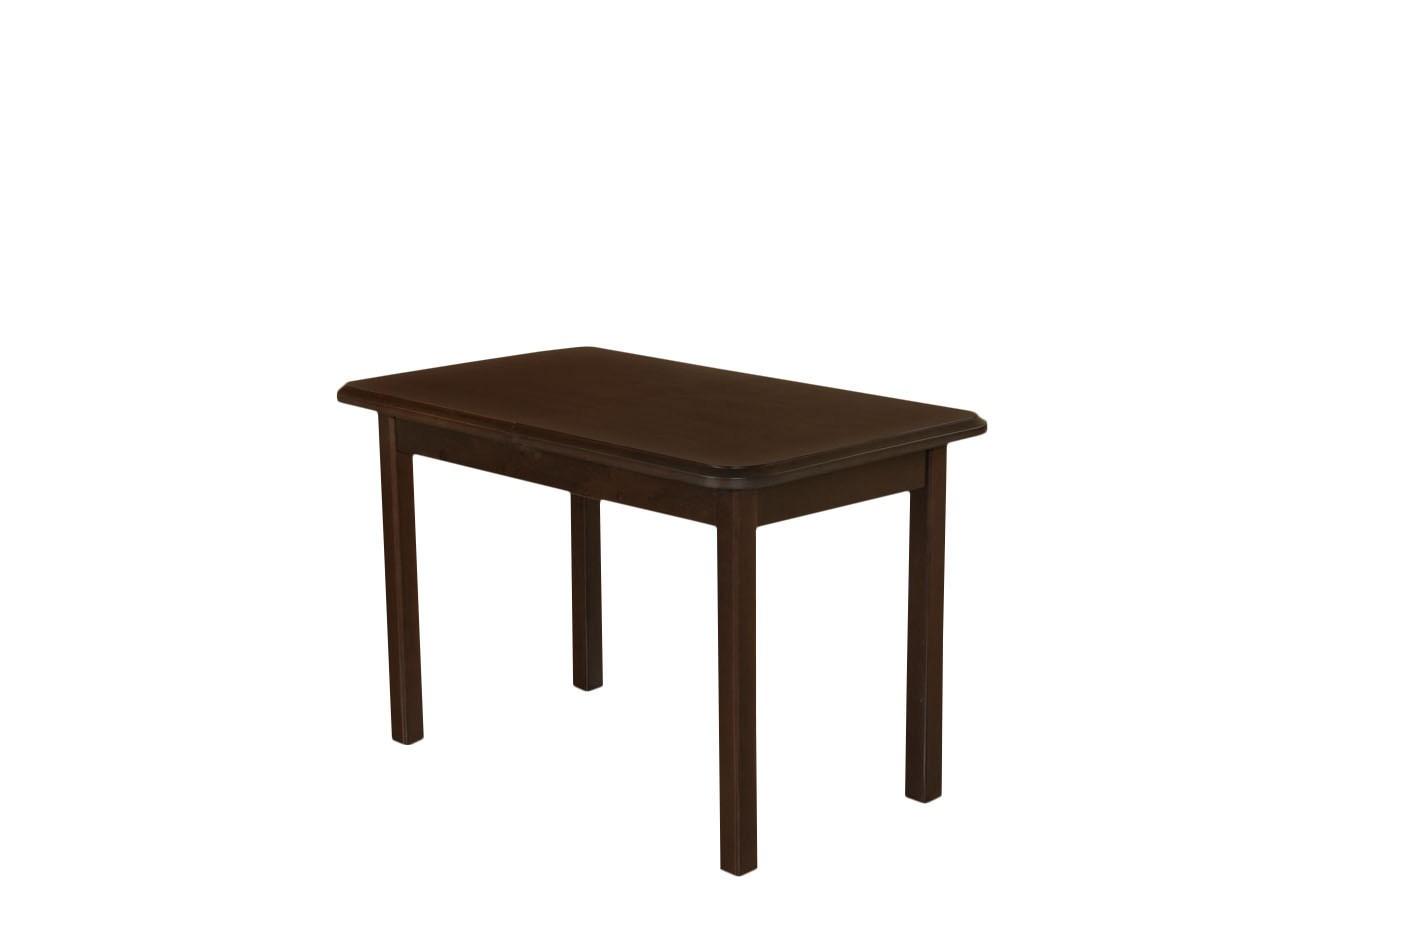 Stół SM 10 naturalna okleina drewniana buk lub dąb rozkładany